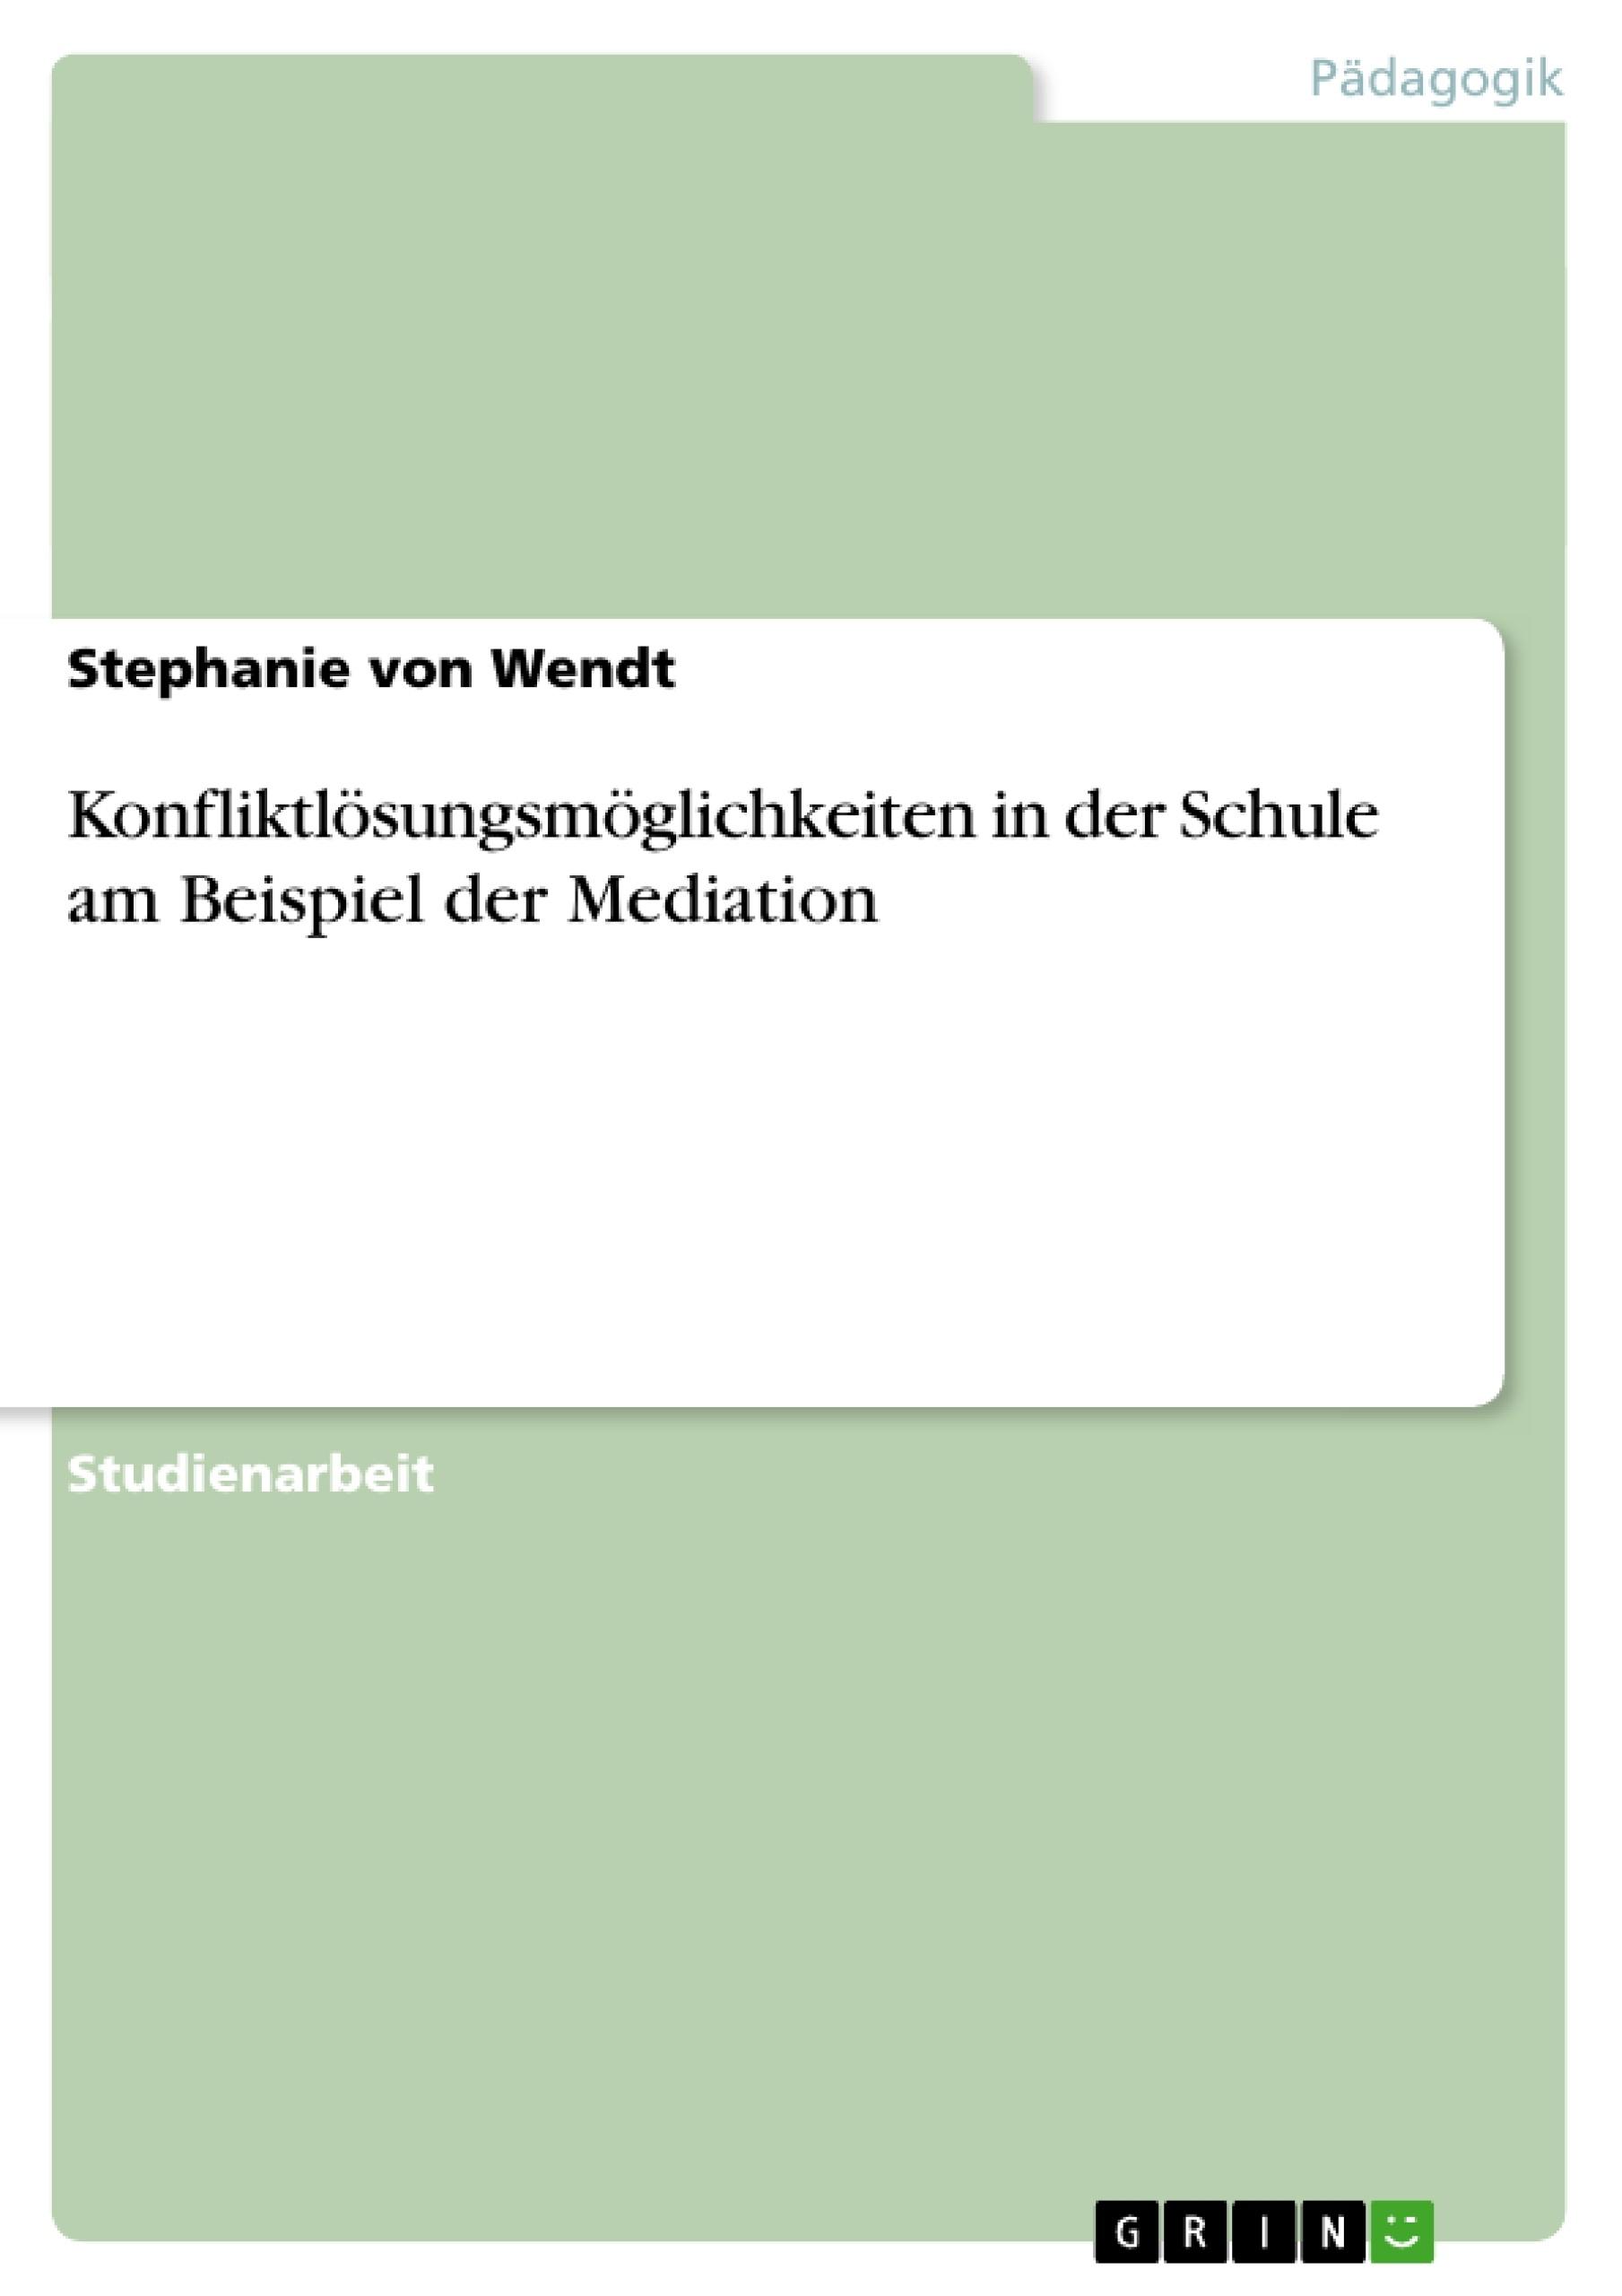 Titel: Konfliktlösungsmöglichkeiten in der Schule am Beispiel der Mediation